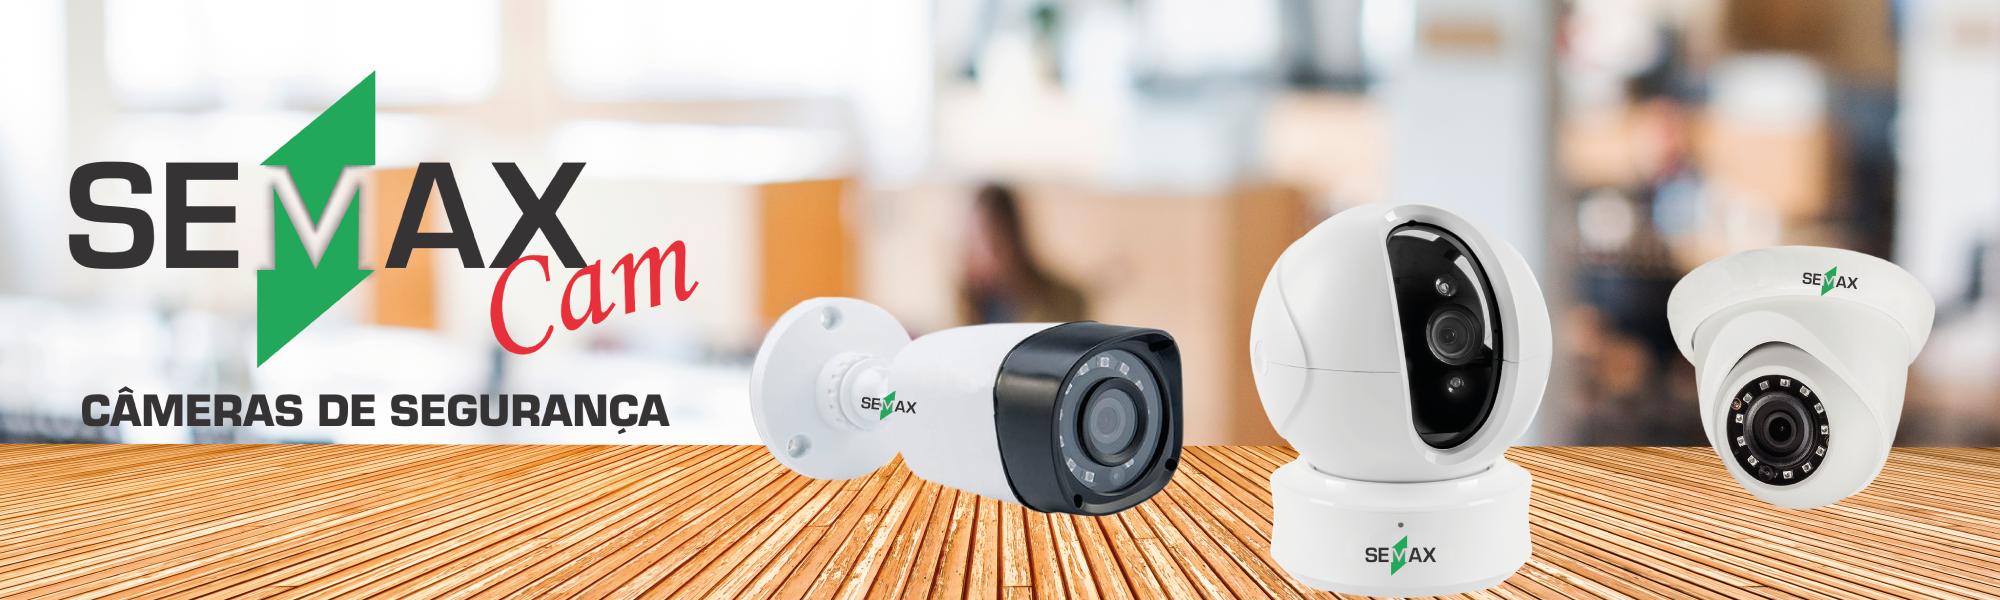 Semax Cam é um sistema de câmeras e gravação de alta tecnologia - instalação de câmeras e alarmes